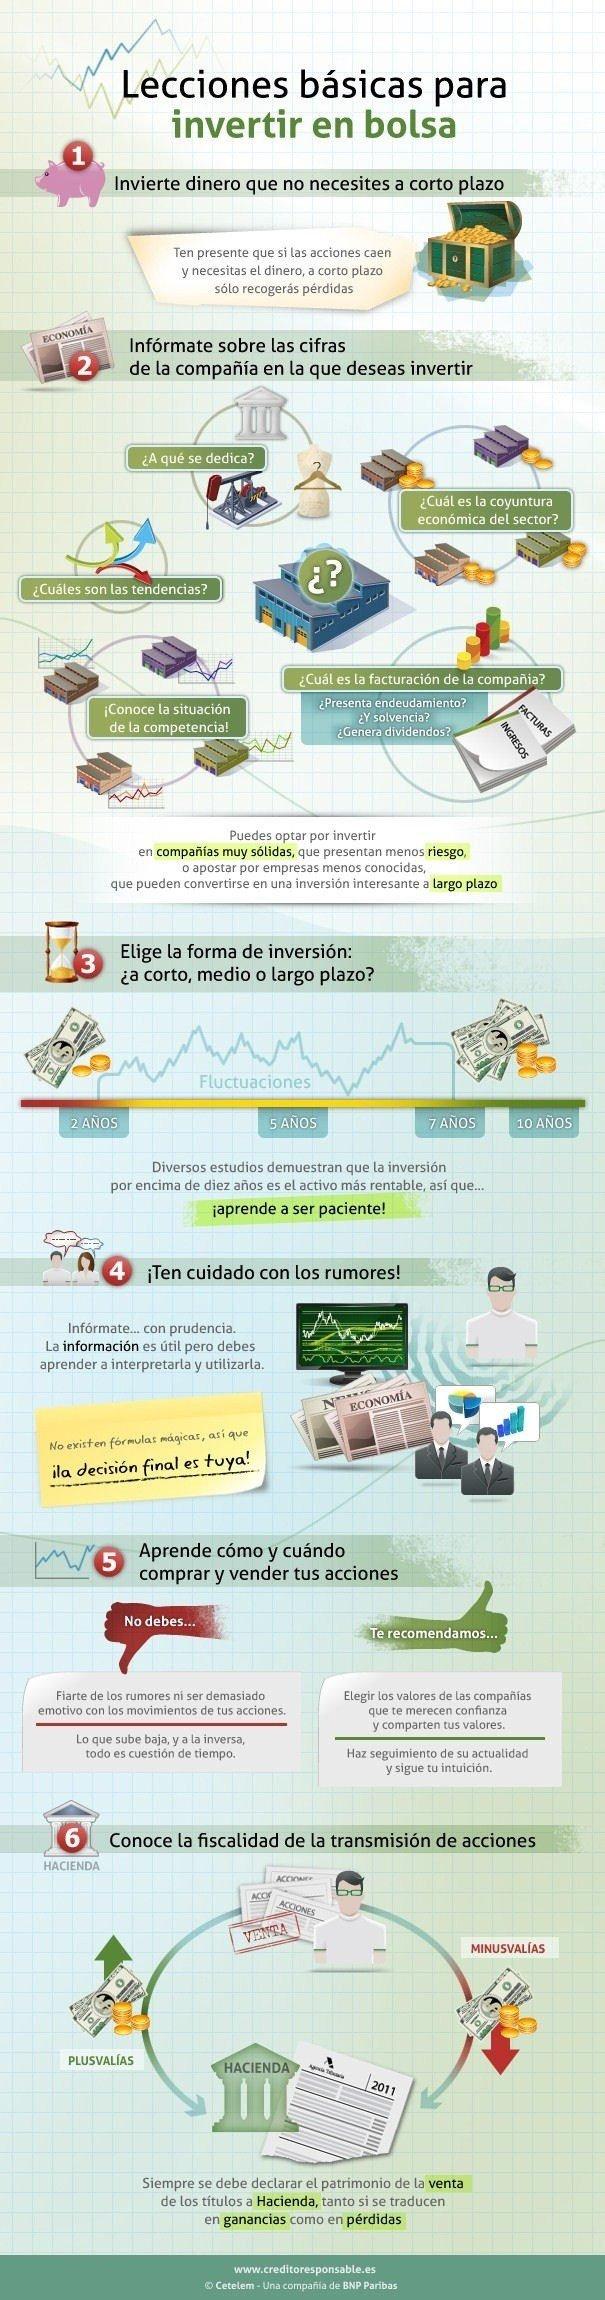 Lecciones b sicas para invertir en bolsa 40 consejos - Ideas para invertir ...